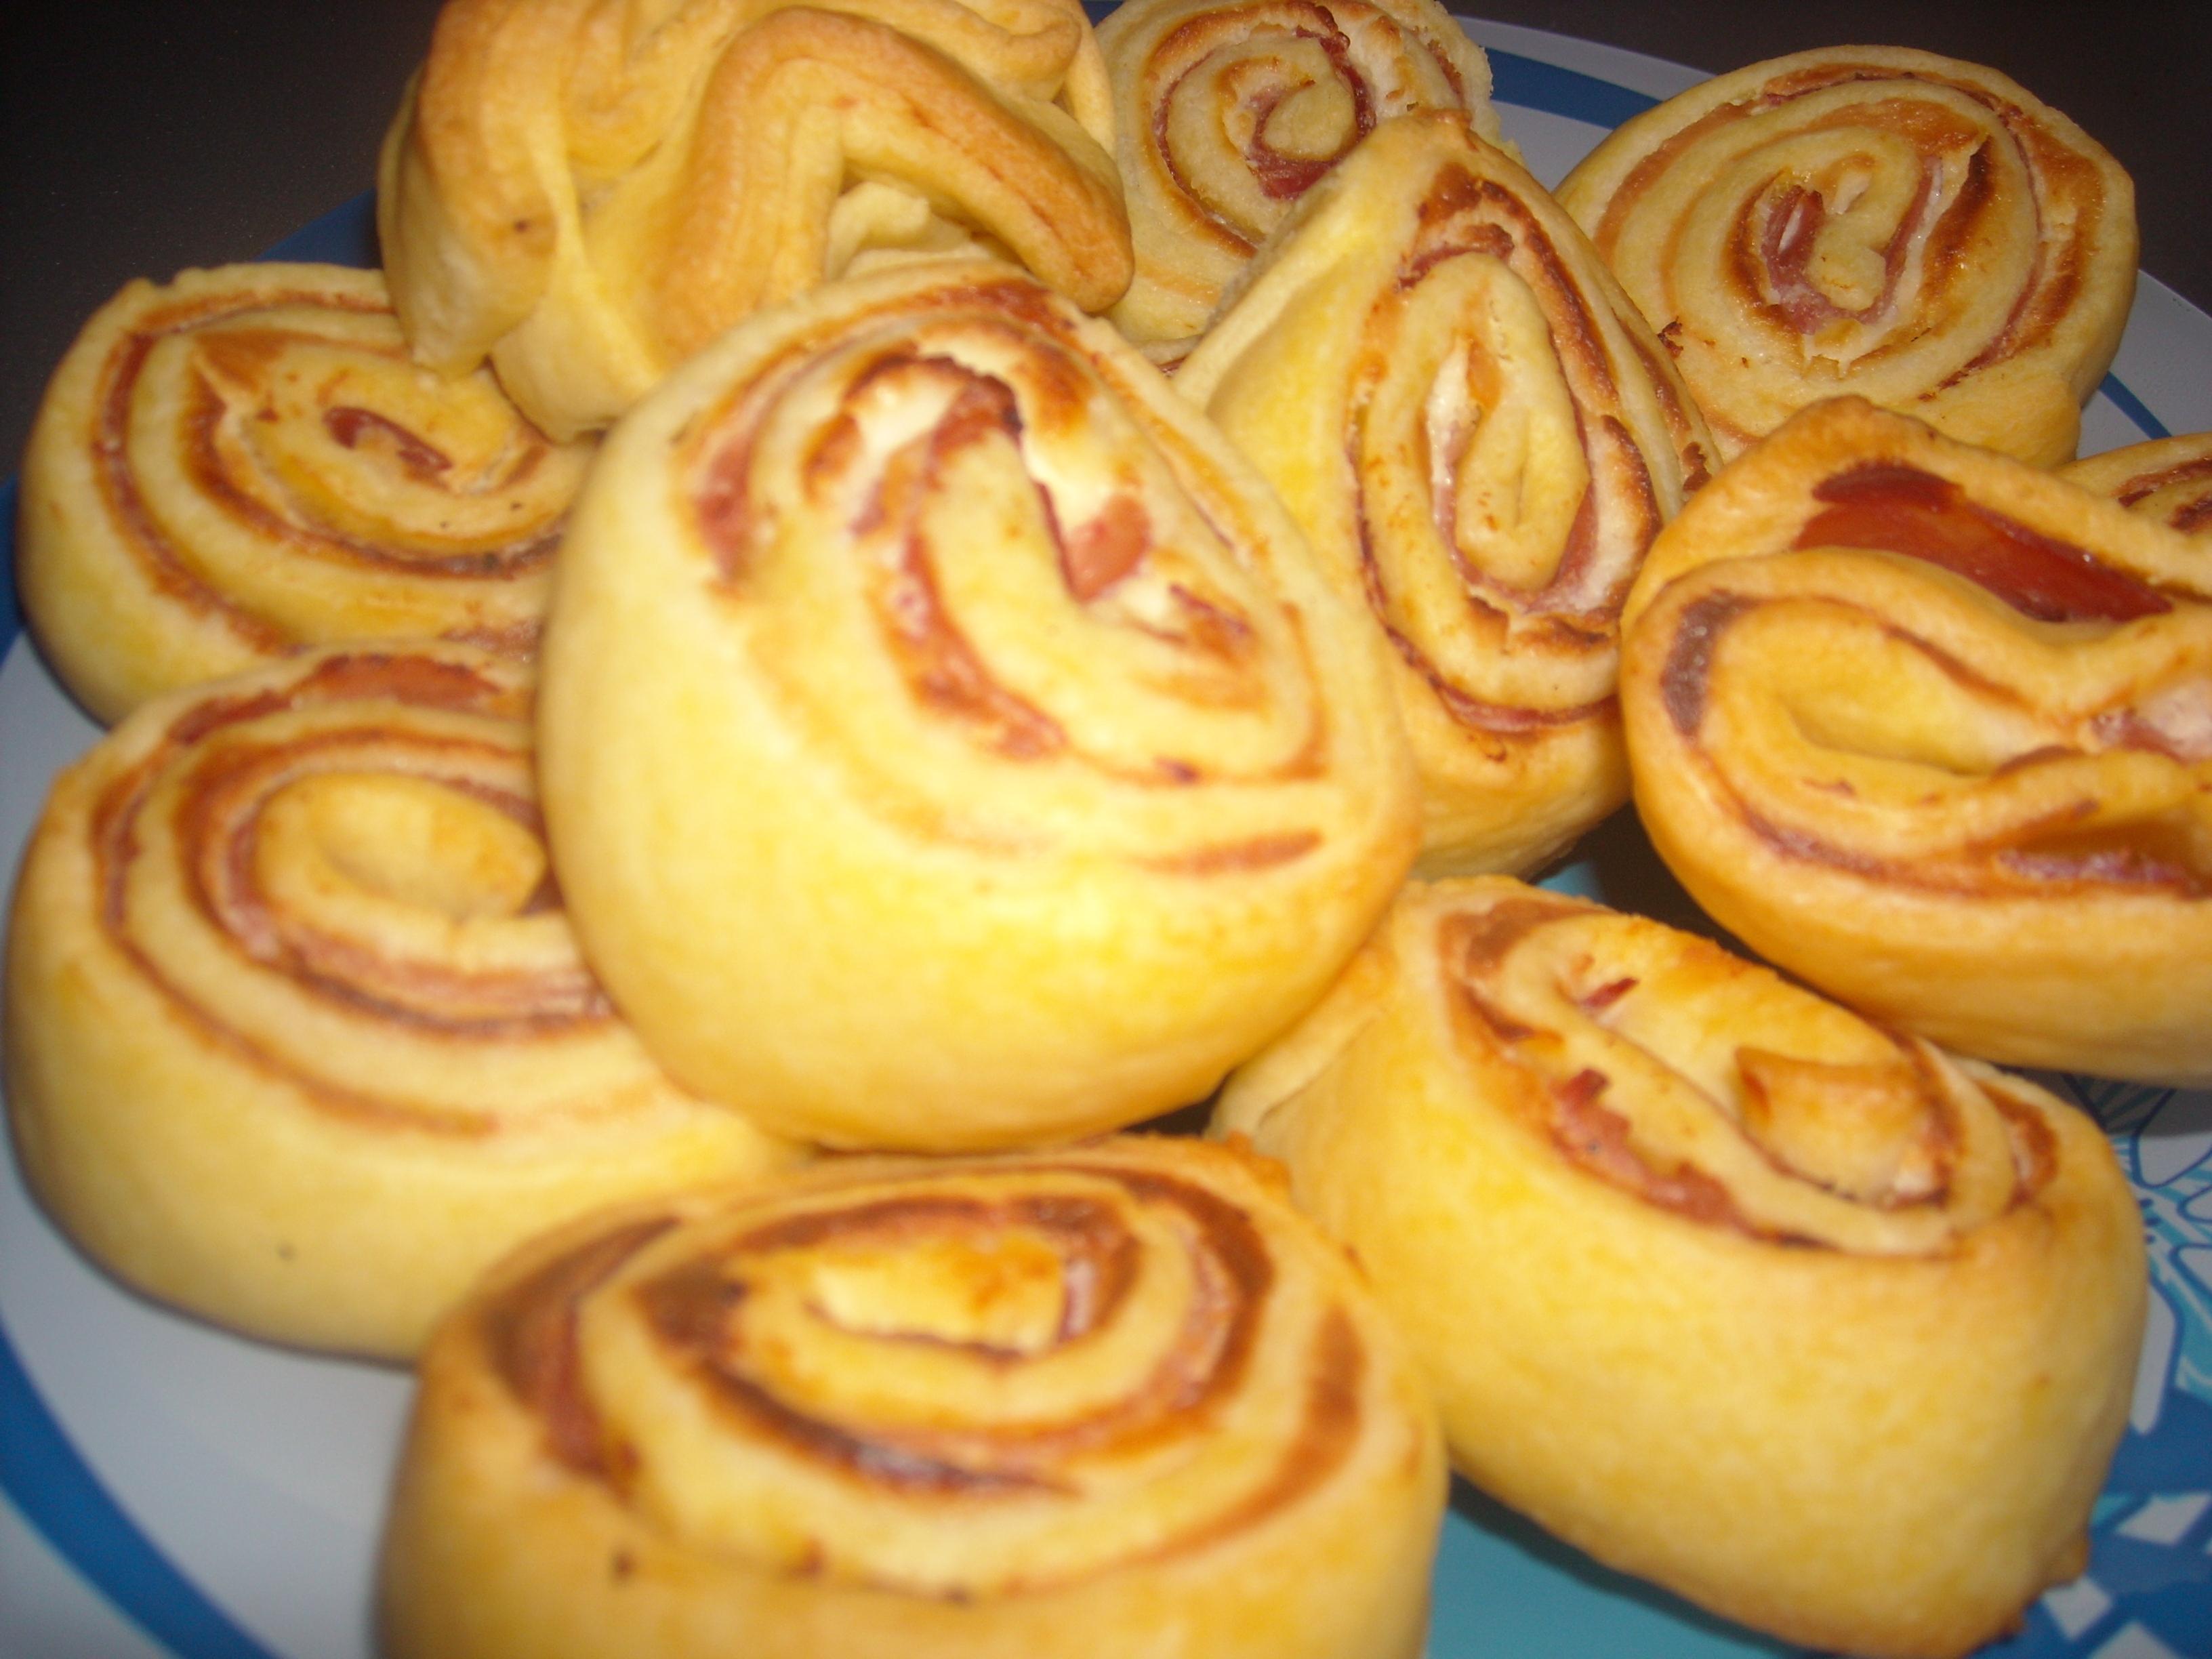 Rotolini di pasta bris for Marchi di pasta da non mangiare